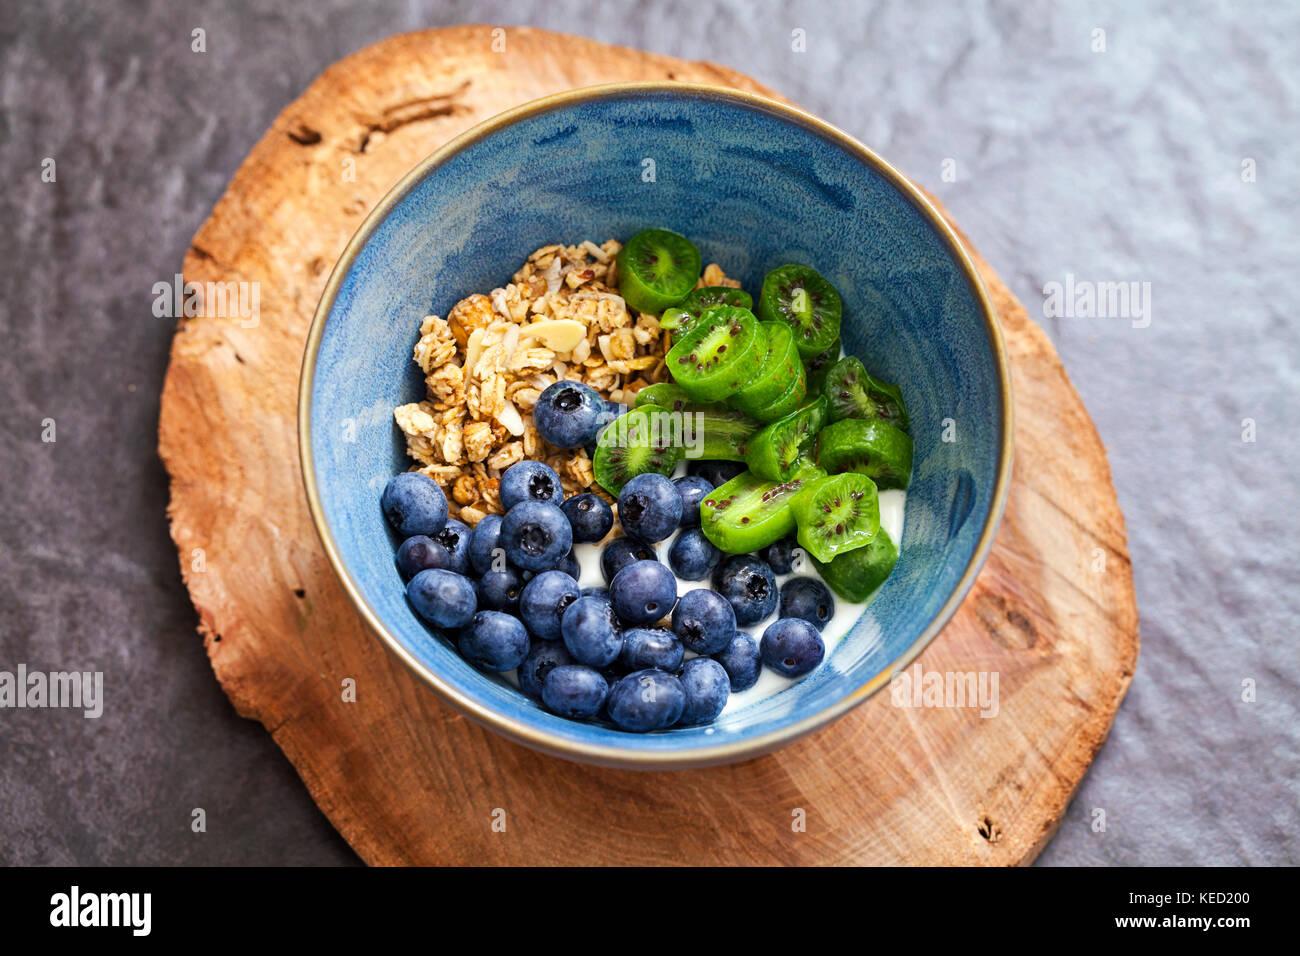 Yogur con bayas de kiwi, arándanos y granola Imagen De Stock